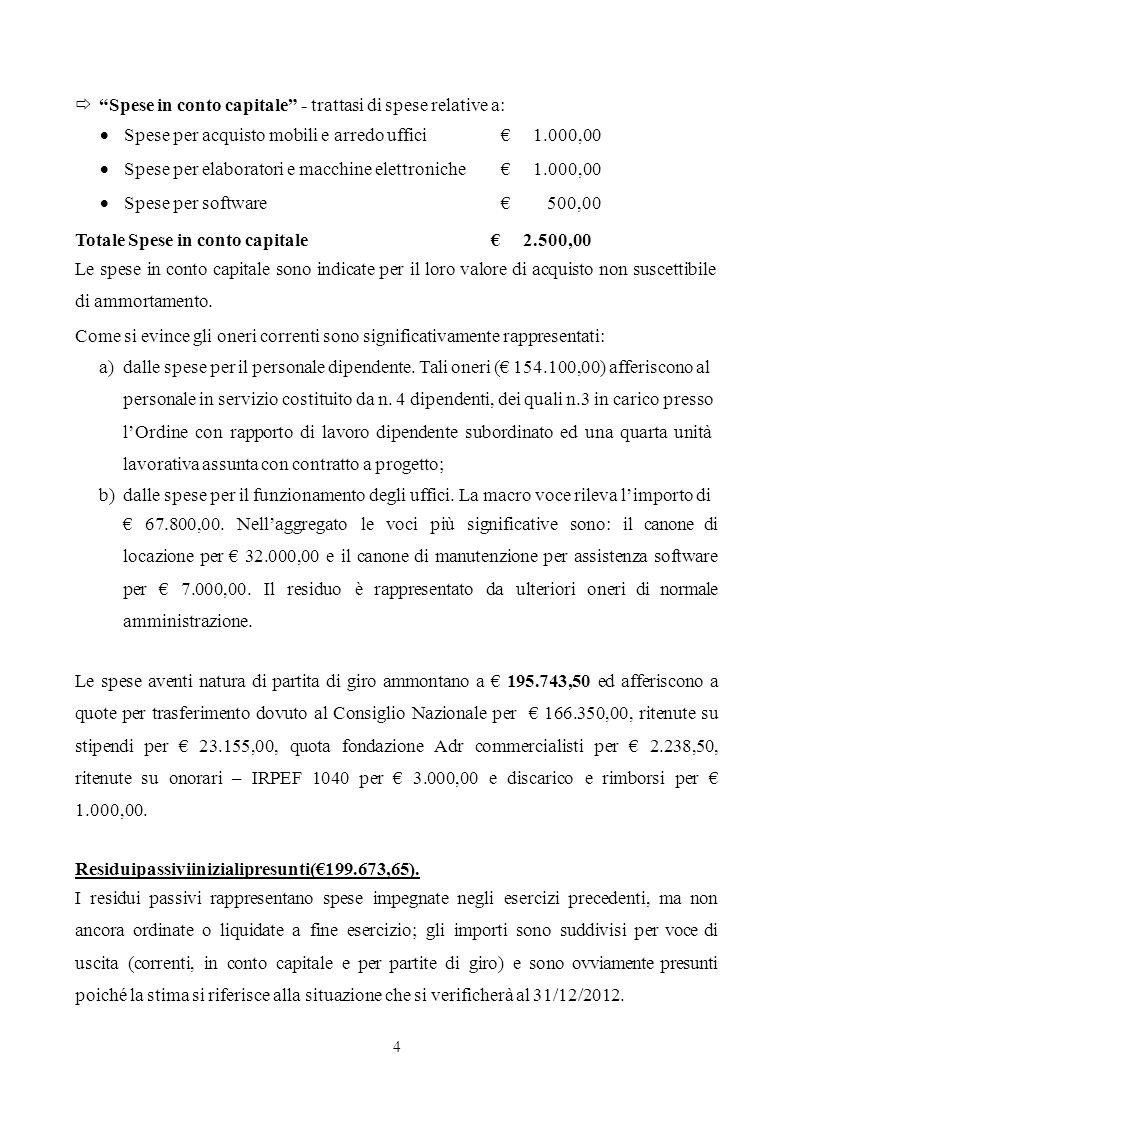 4 Spese in conto capitale - trattasi di spese relative a: Totale Spese in conto capitale 2.500,00 Le spese in conto capitale sono indicate per il loro